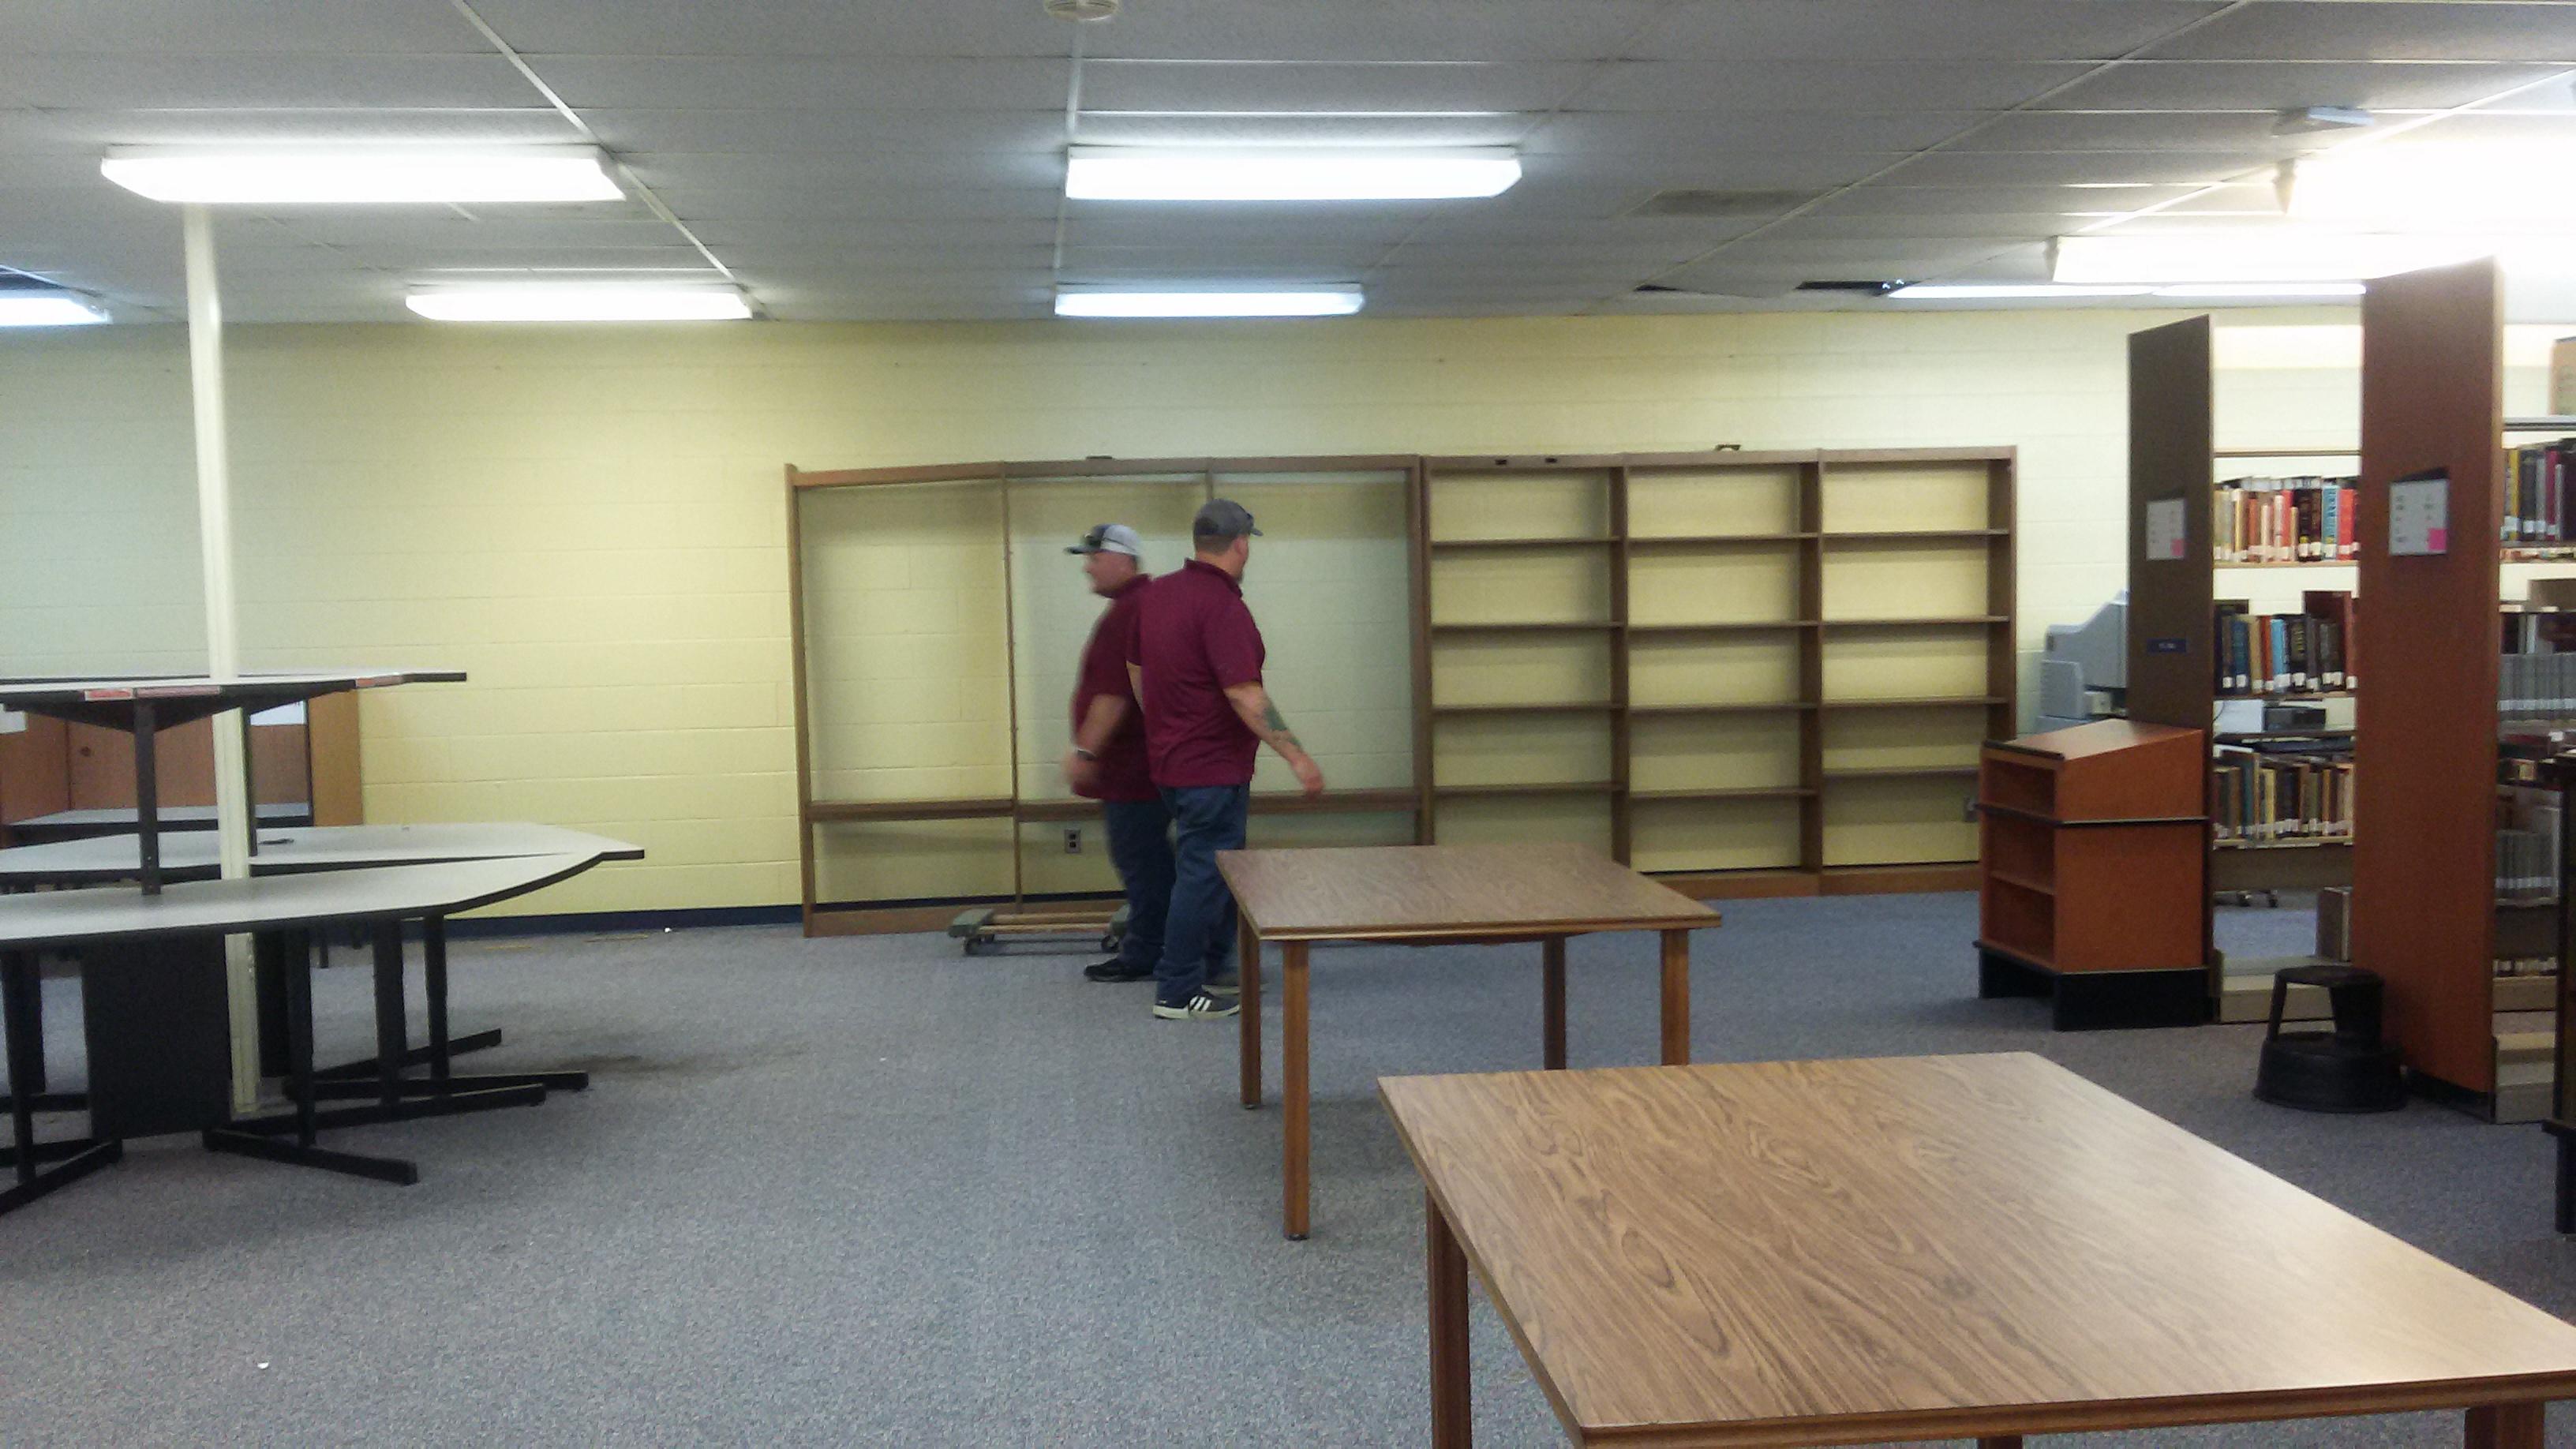 Taking down shelves